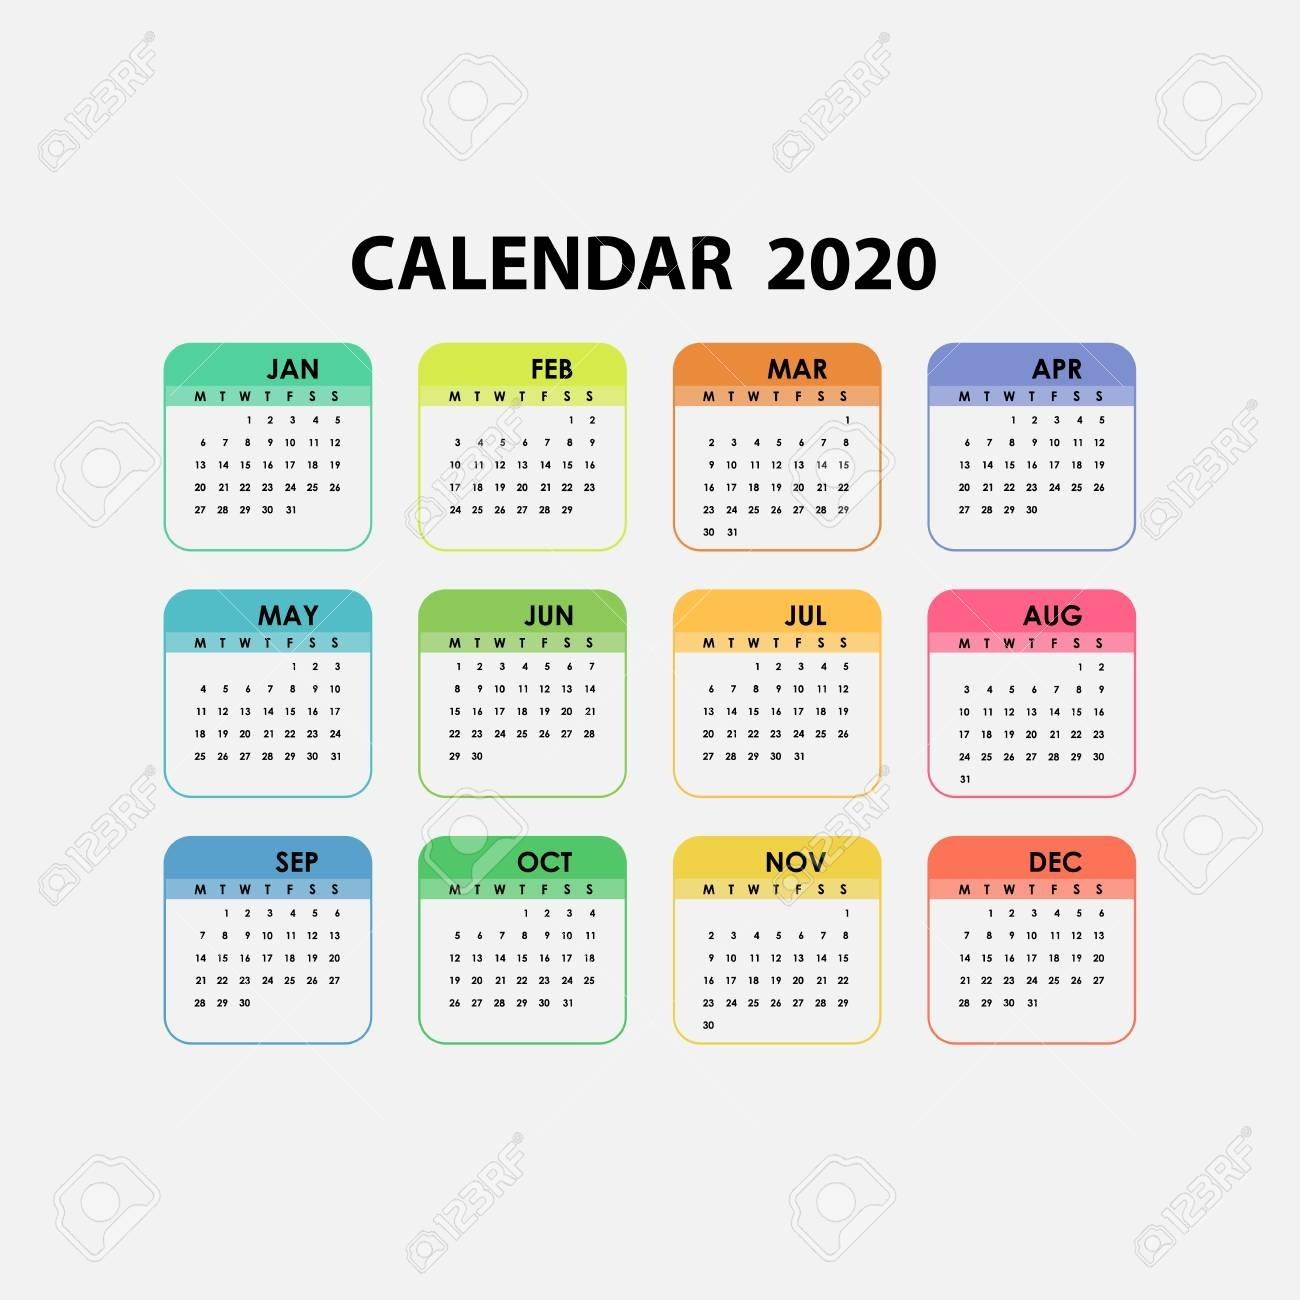 2020 Calendar Template.calendar 2020 Set Of 12 Months.yearly.._Blank Calendar 2020 12 Month